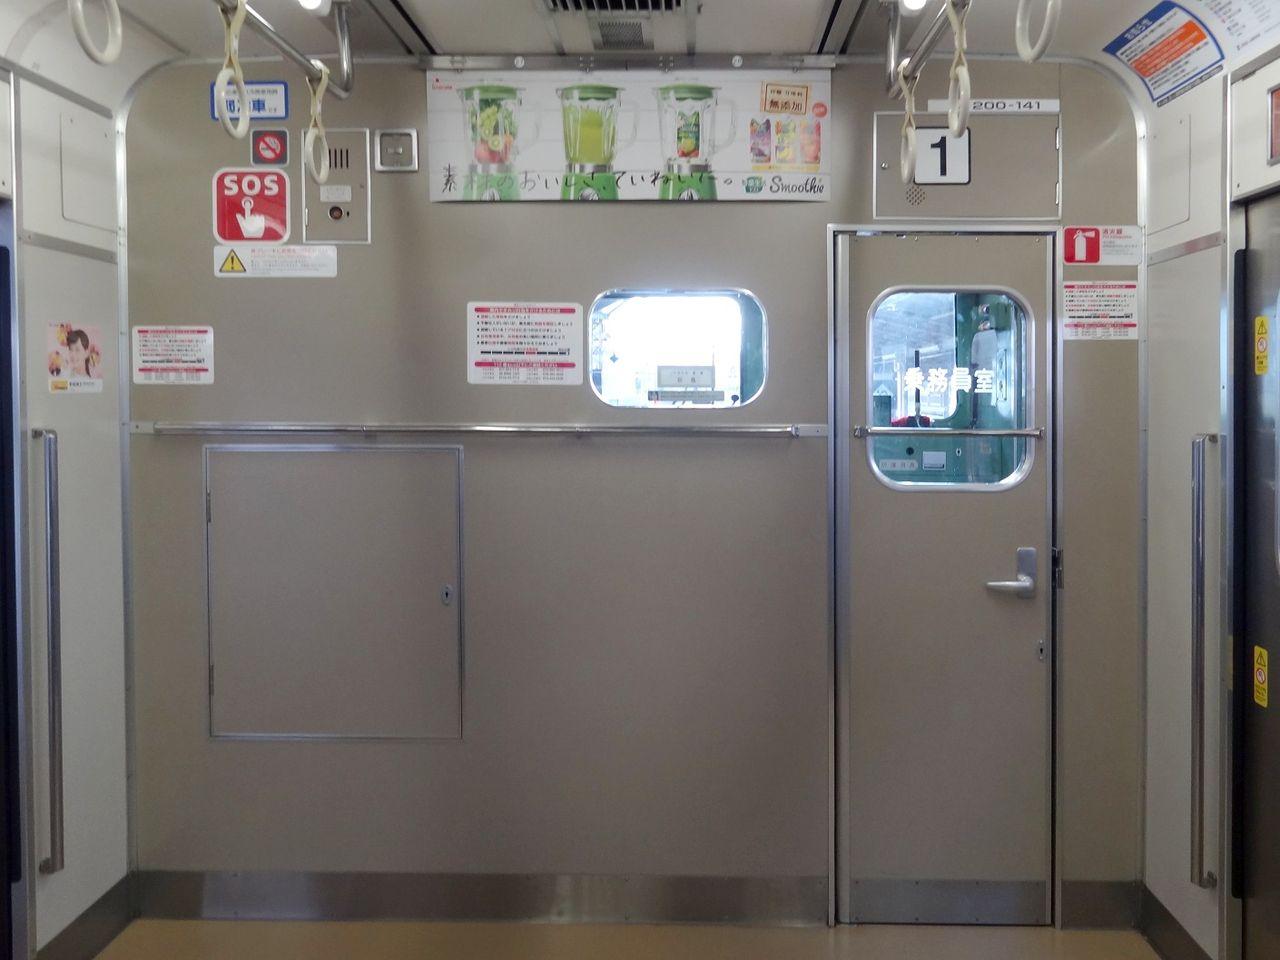 https://livedoor.blogimg.jp/densuki7/imgs/4/d/4d924d13.jpg